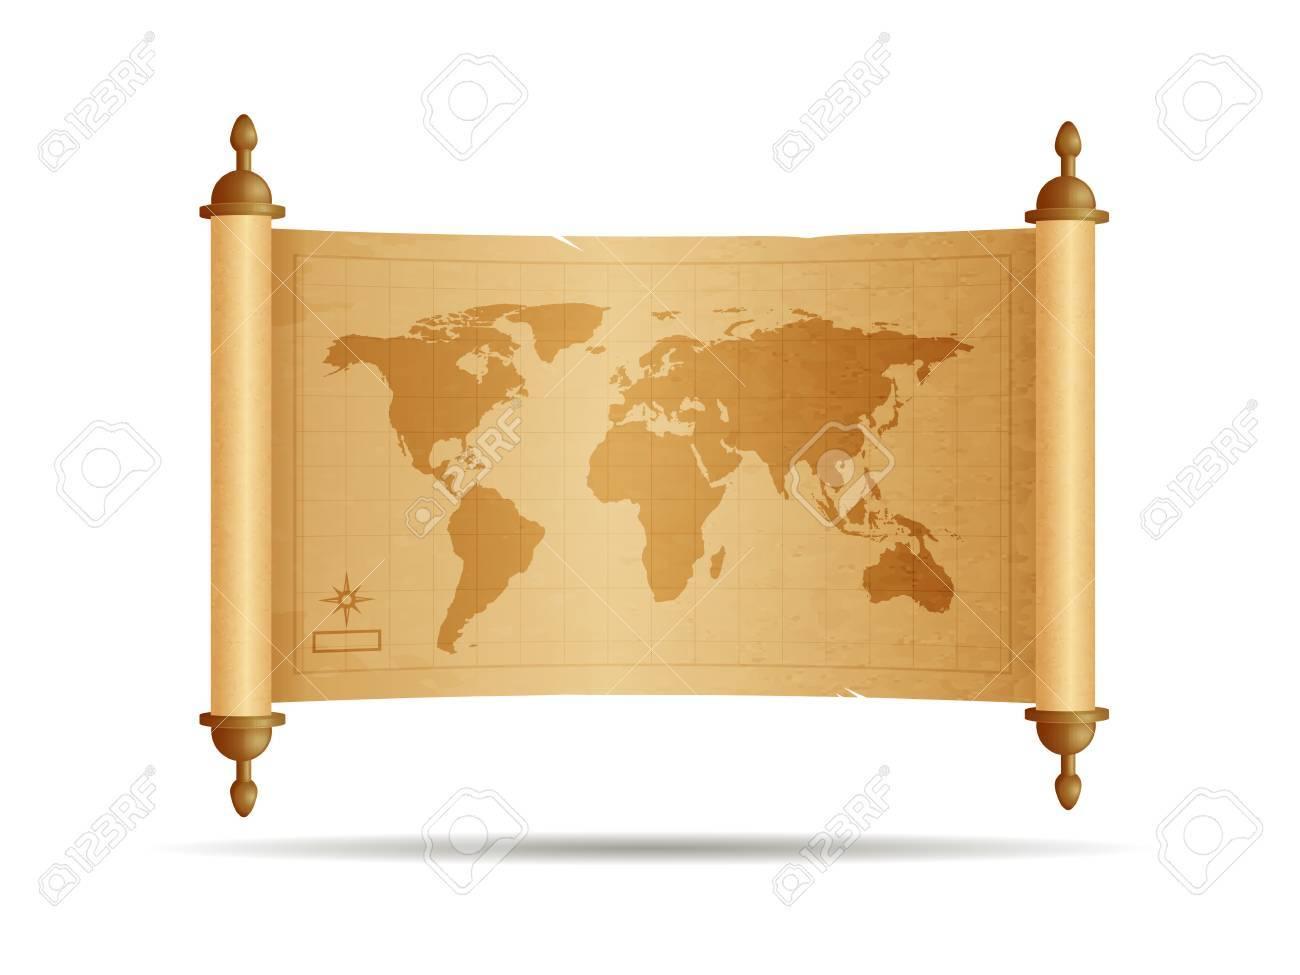 Carte Du Monde Parchemin vintage rouleau de parchemin avec la carte du monde illustration  vectorielle isolé sur blanc